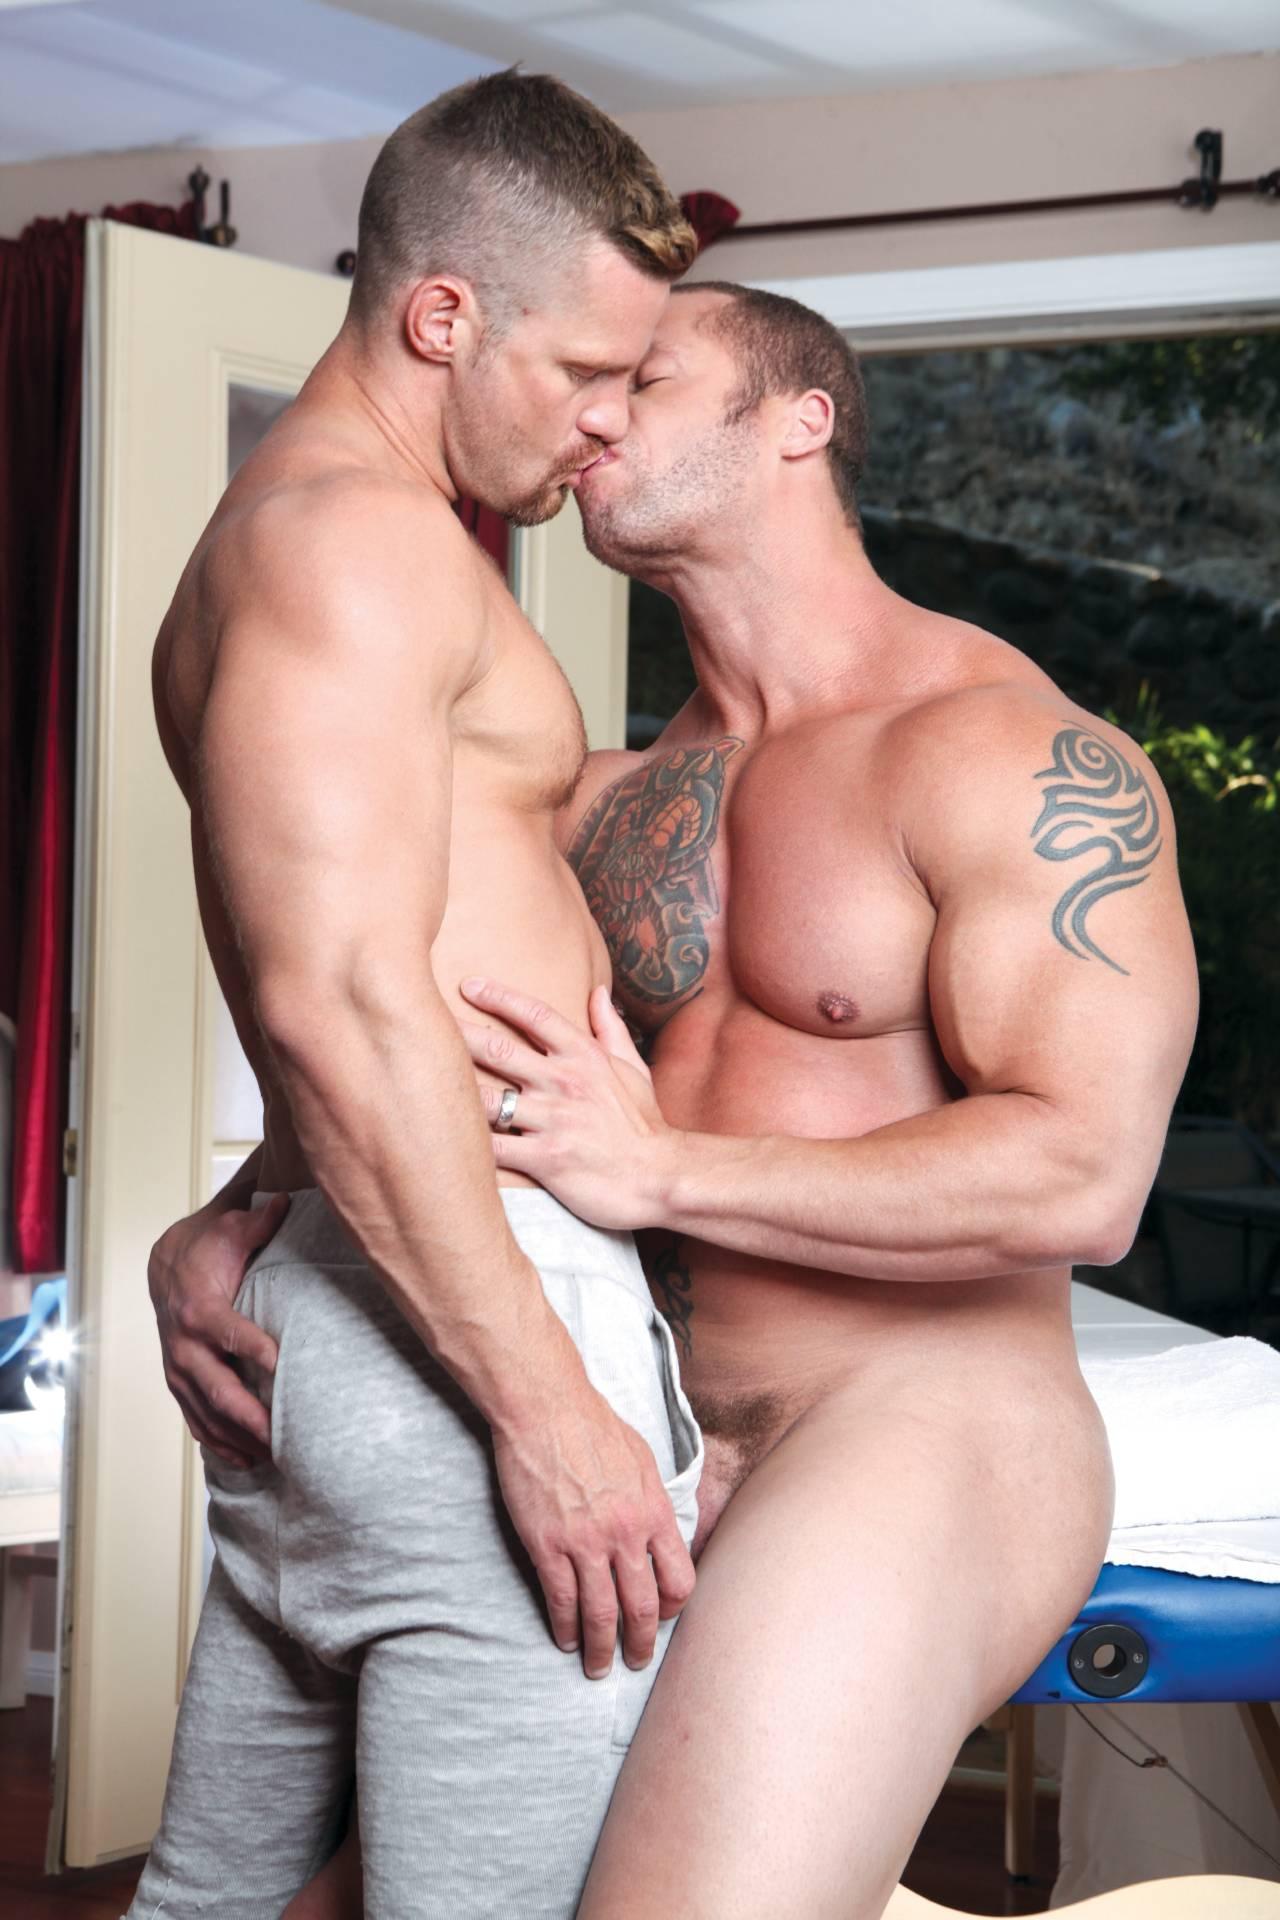 gay porn xnxx coach and boy